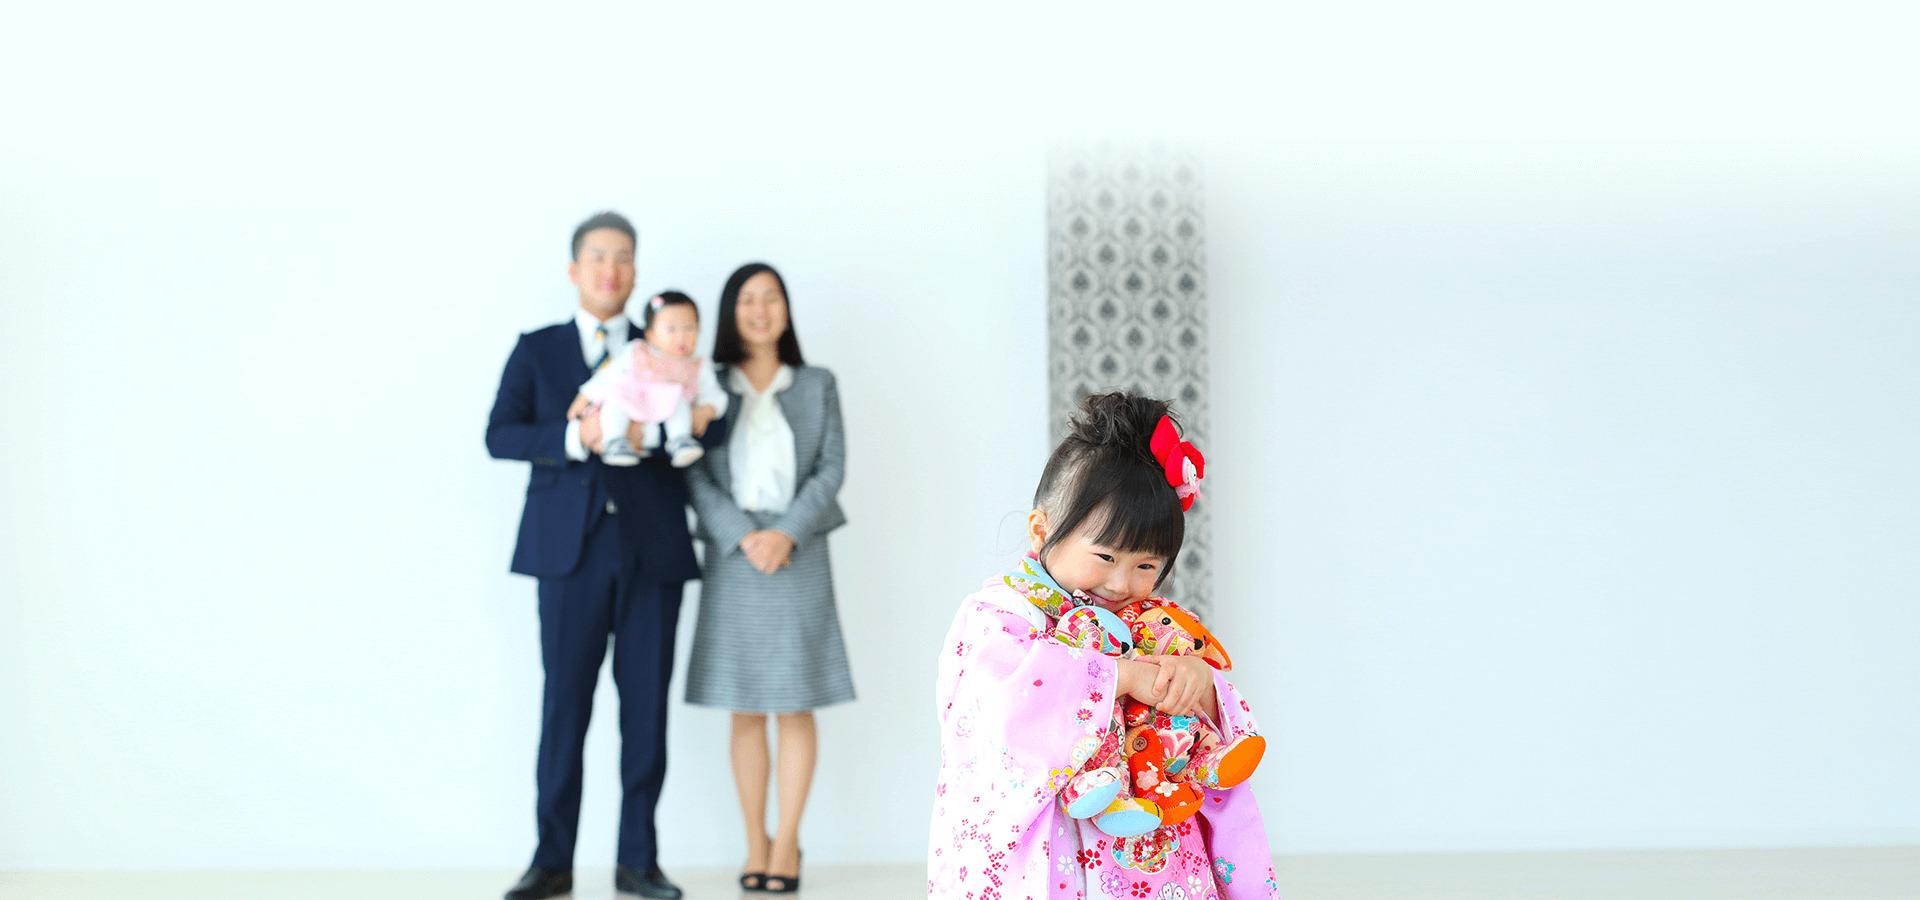 岡山県で子供の七五三撮影におすすめ写真スタジオ11選6